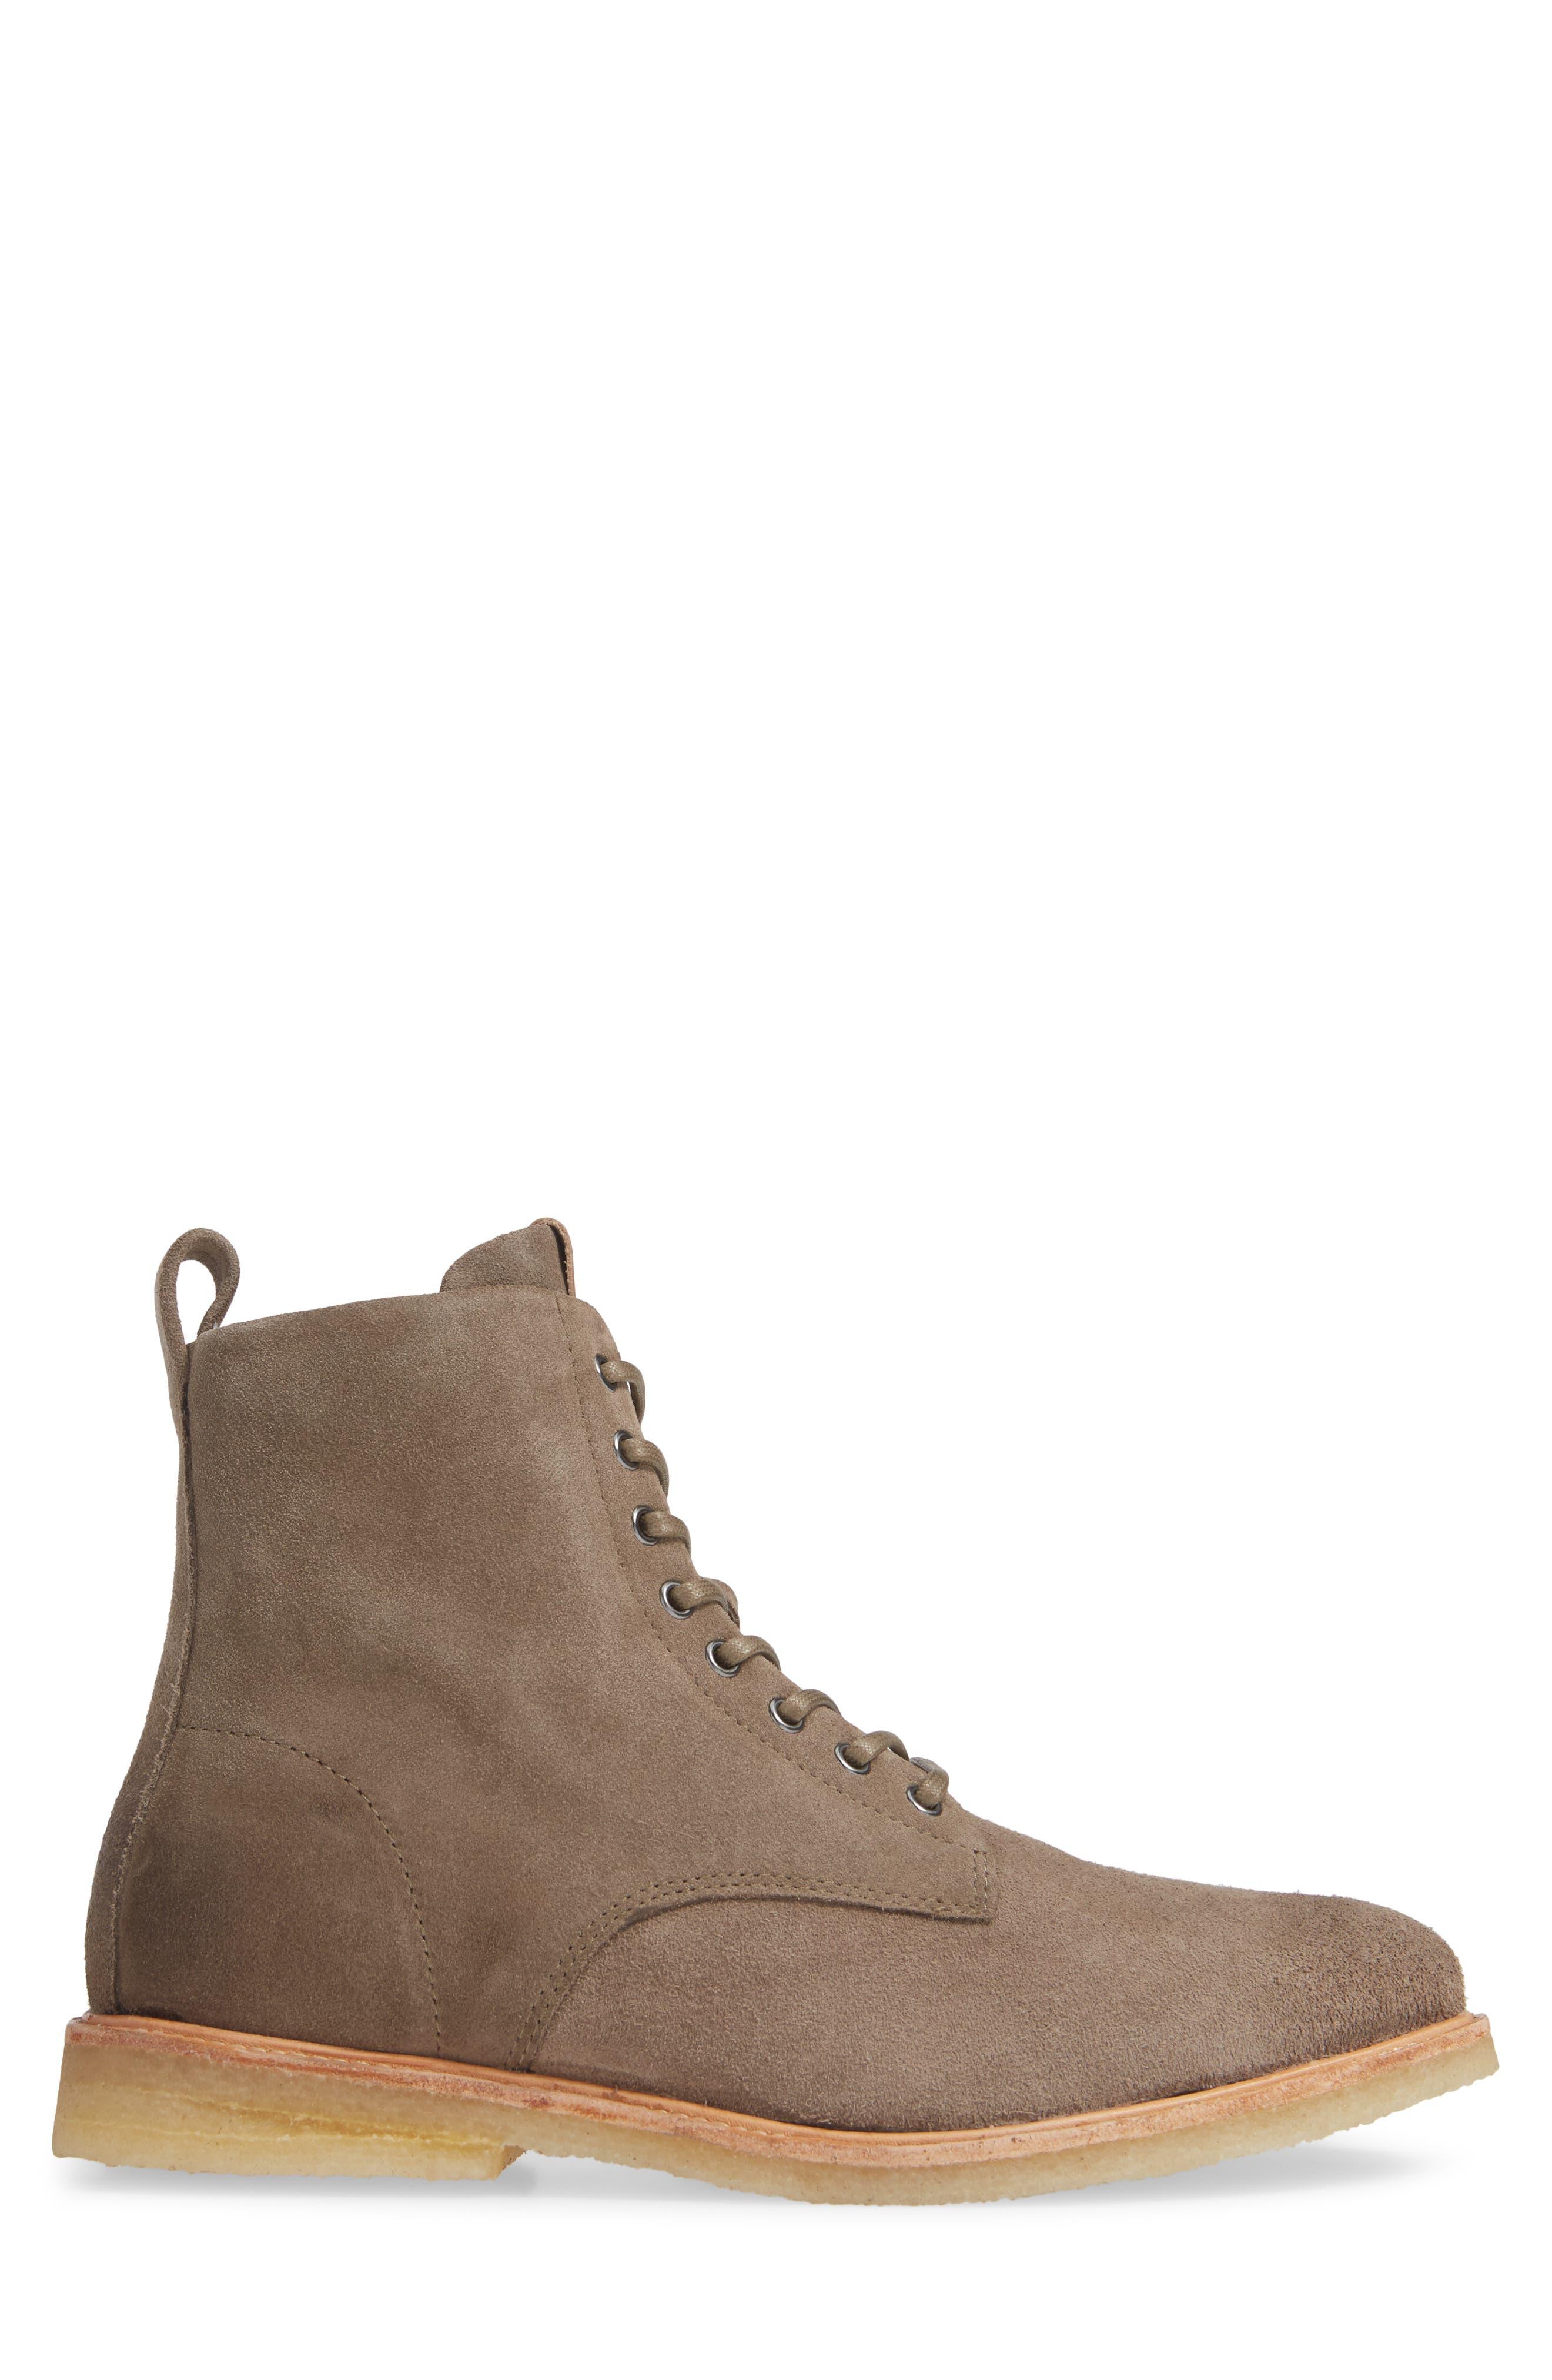 QM23 Plain Toe Boot,                             Alternate thumbnail 3, color,                             GREY